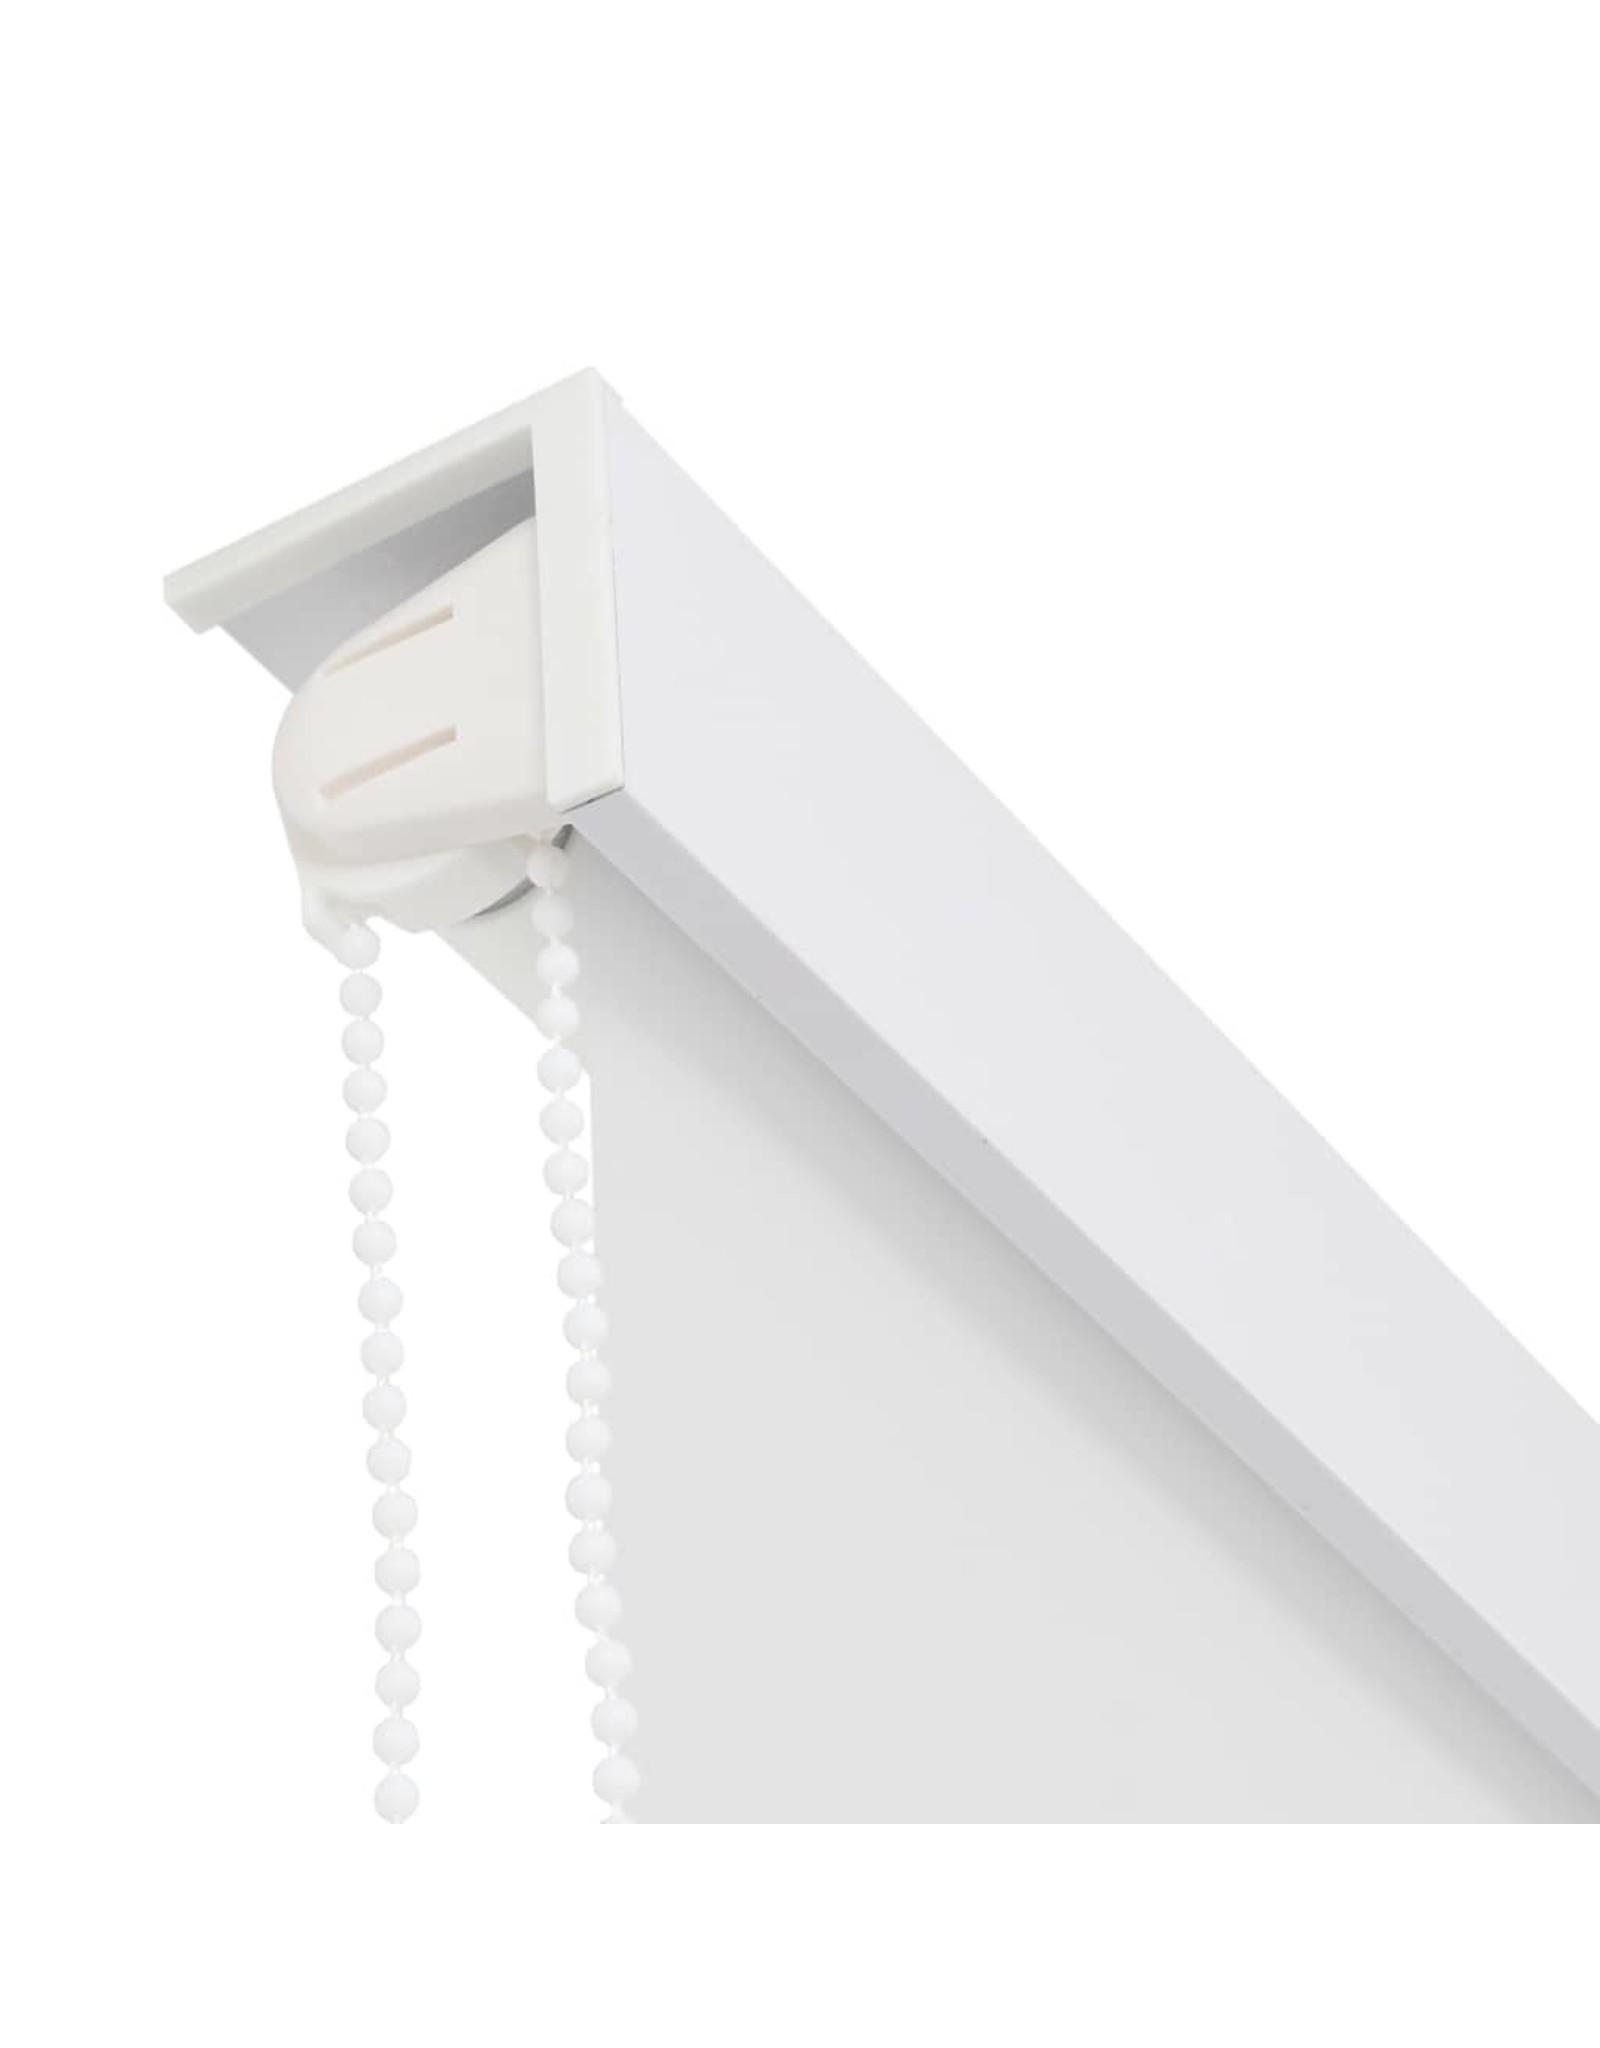 Rolgordijn voor douche 160x240 cm wit